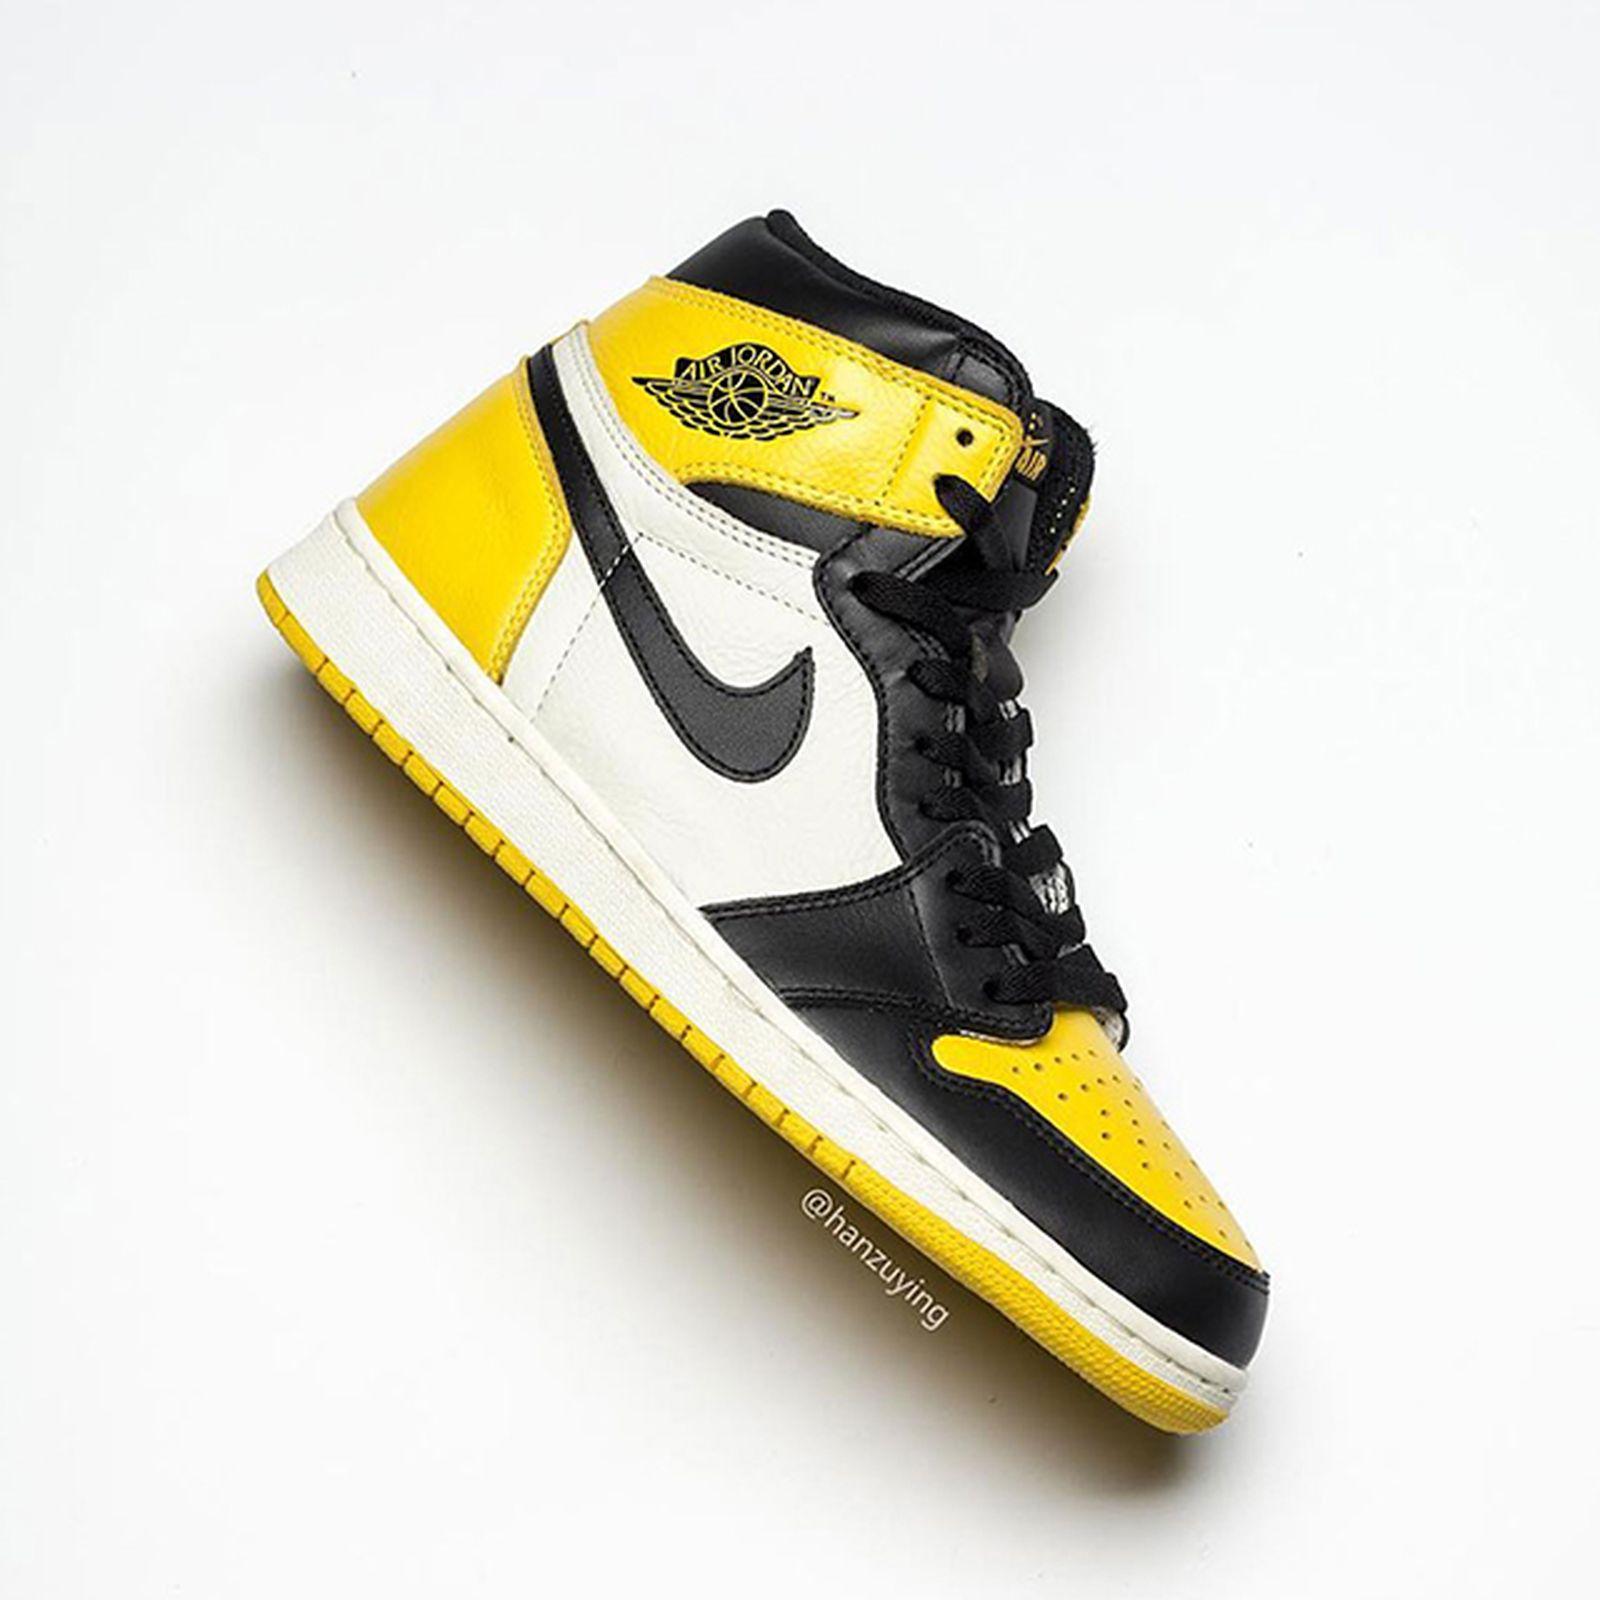 """Air Jordan 1 """"Yellow Toe"""": Release Date, Price & More Info"""